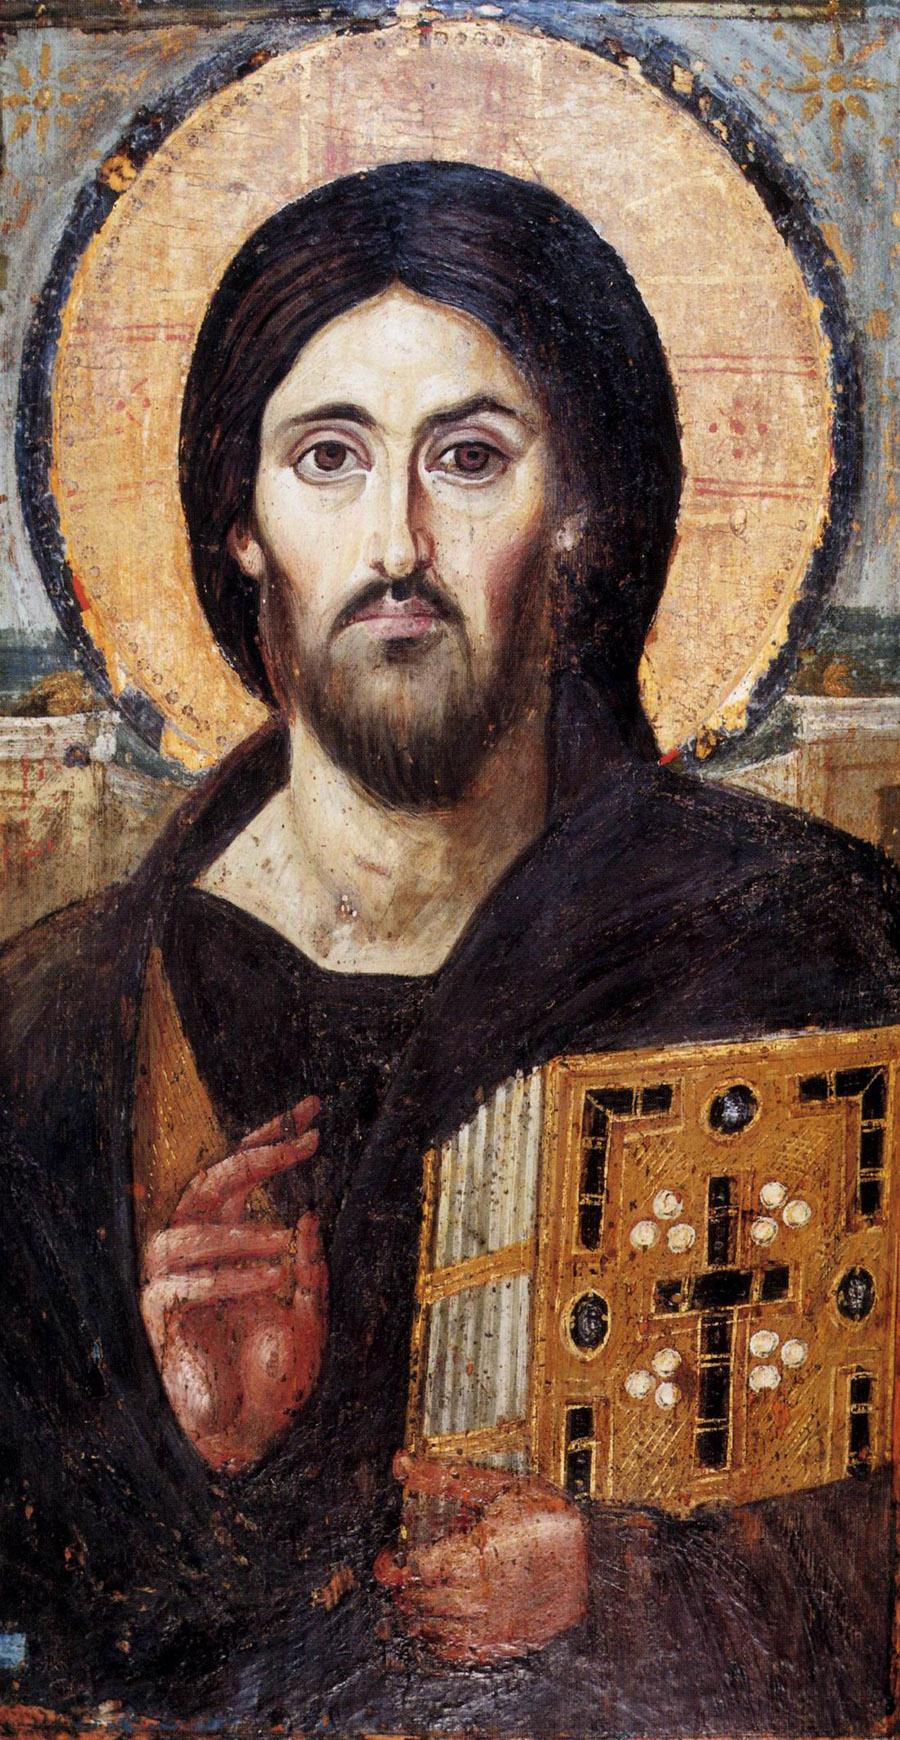 el icono más antiguo del Cristo Pantocrator del mundo, aún conservado en el monasterio de Santa Caterina del Monte Sinaí, en Egipto.